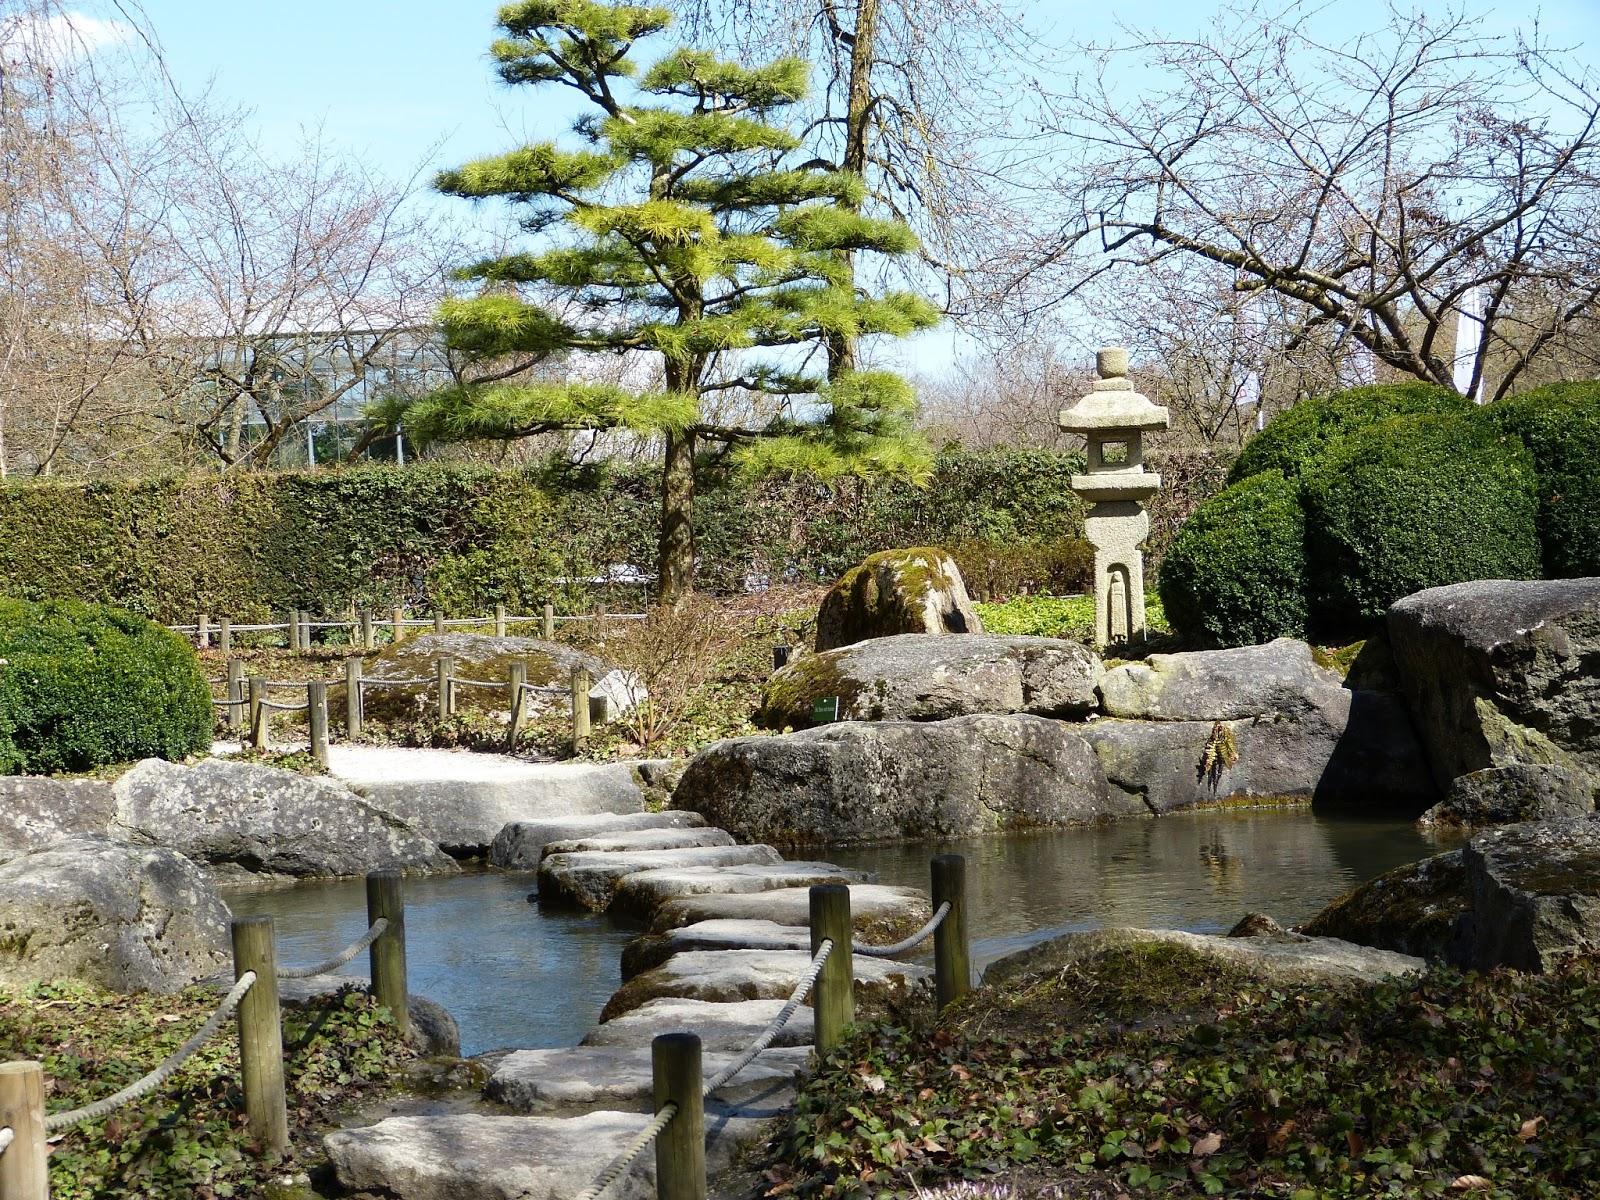 Japanischer Garten Augsburg Bild Quotjapan Garten Quot Zu